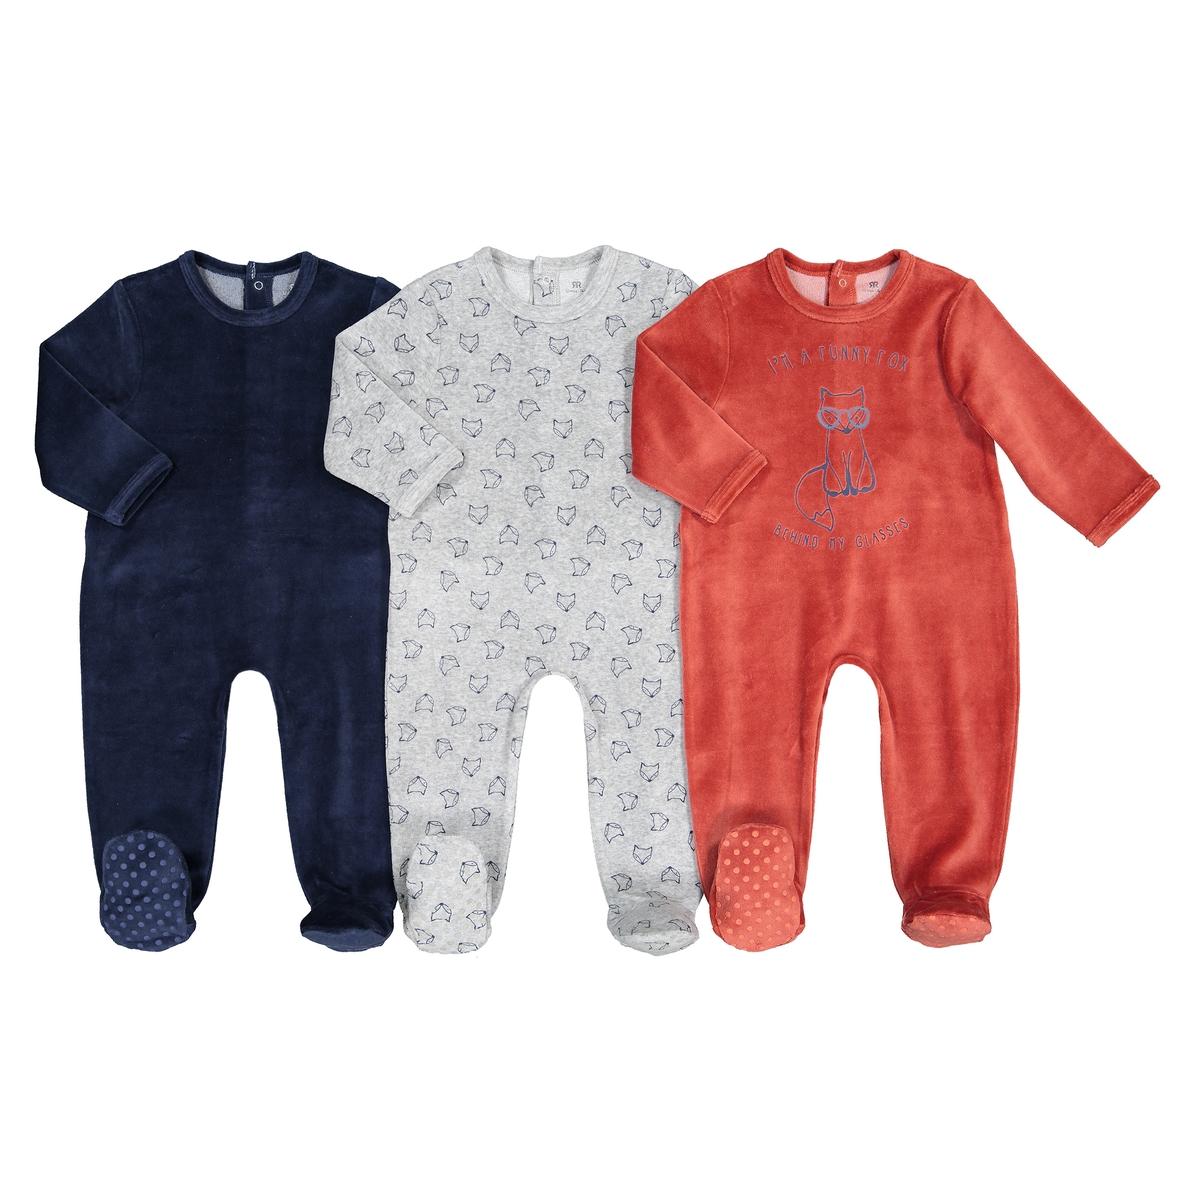 цена Комплект из пижам лиса La Redoute Из велюра мес - лет 3 года - 94 см каштановый онлайн в 2017 году